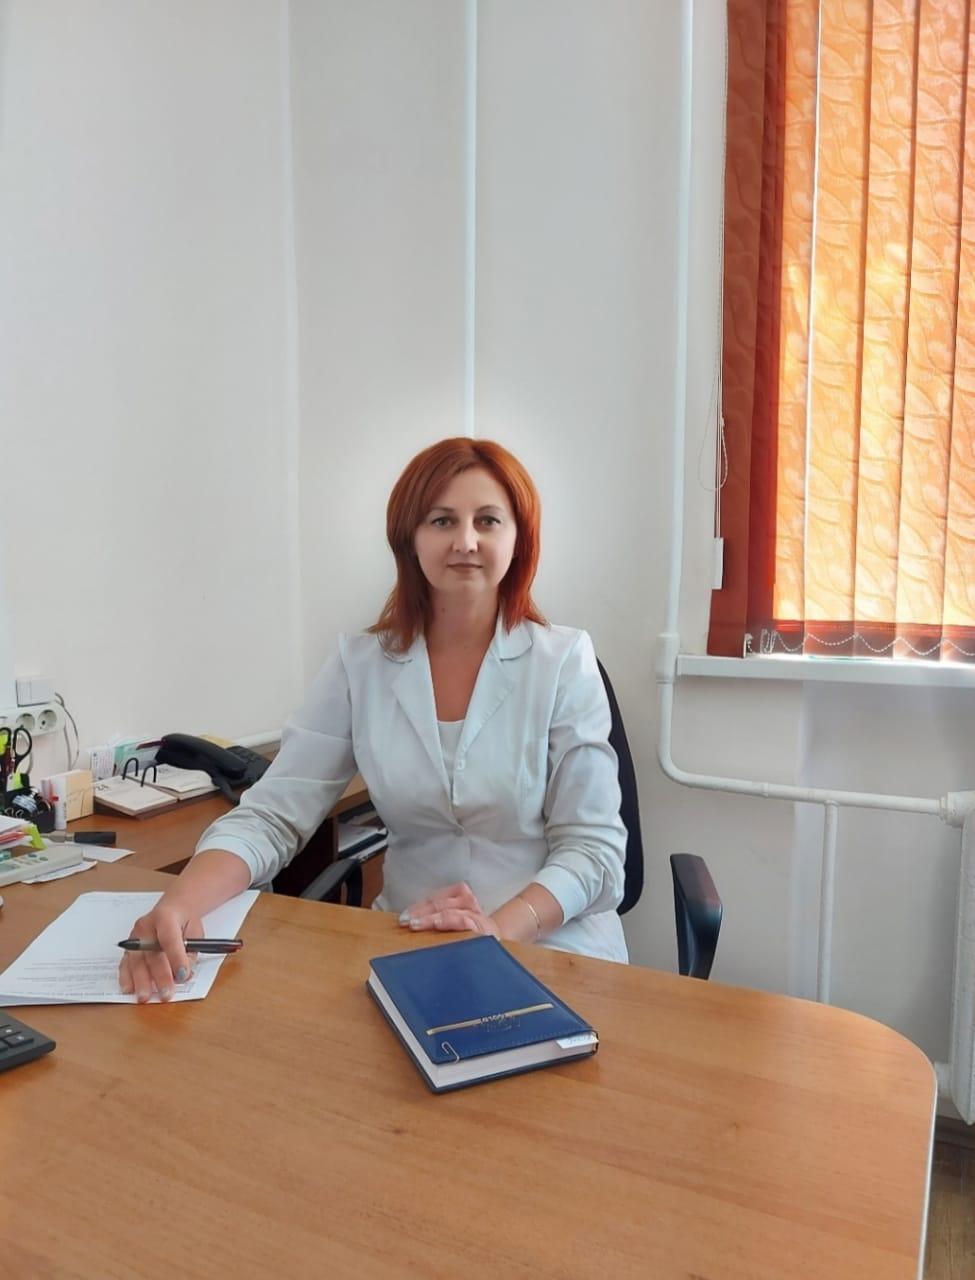 Заместитель главного врача по медицинской части Жупикова Наталья Владимировна